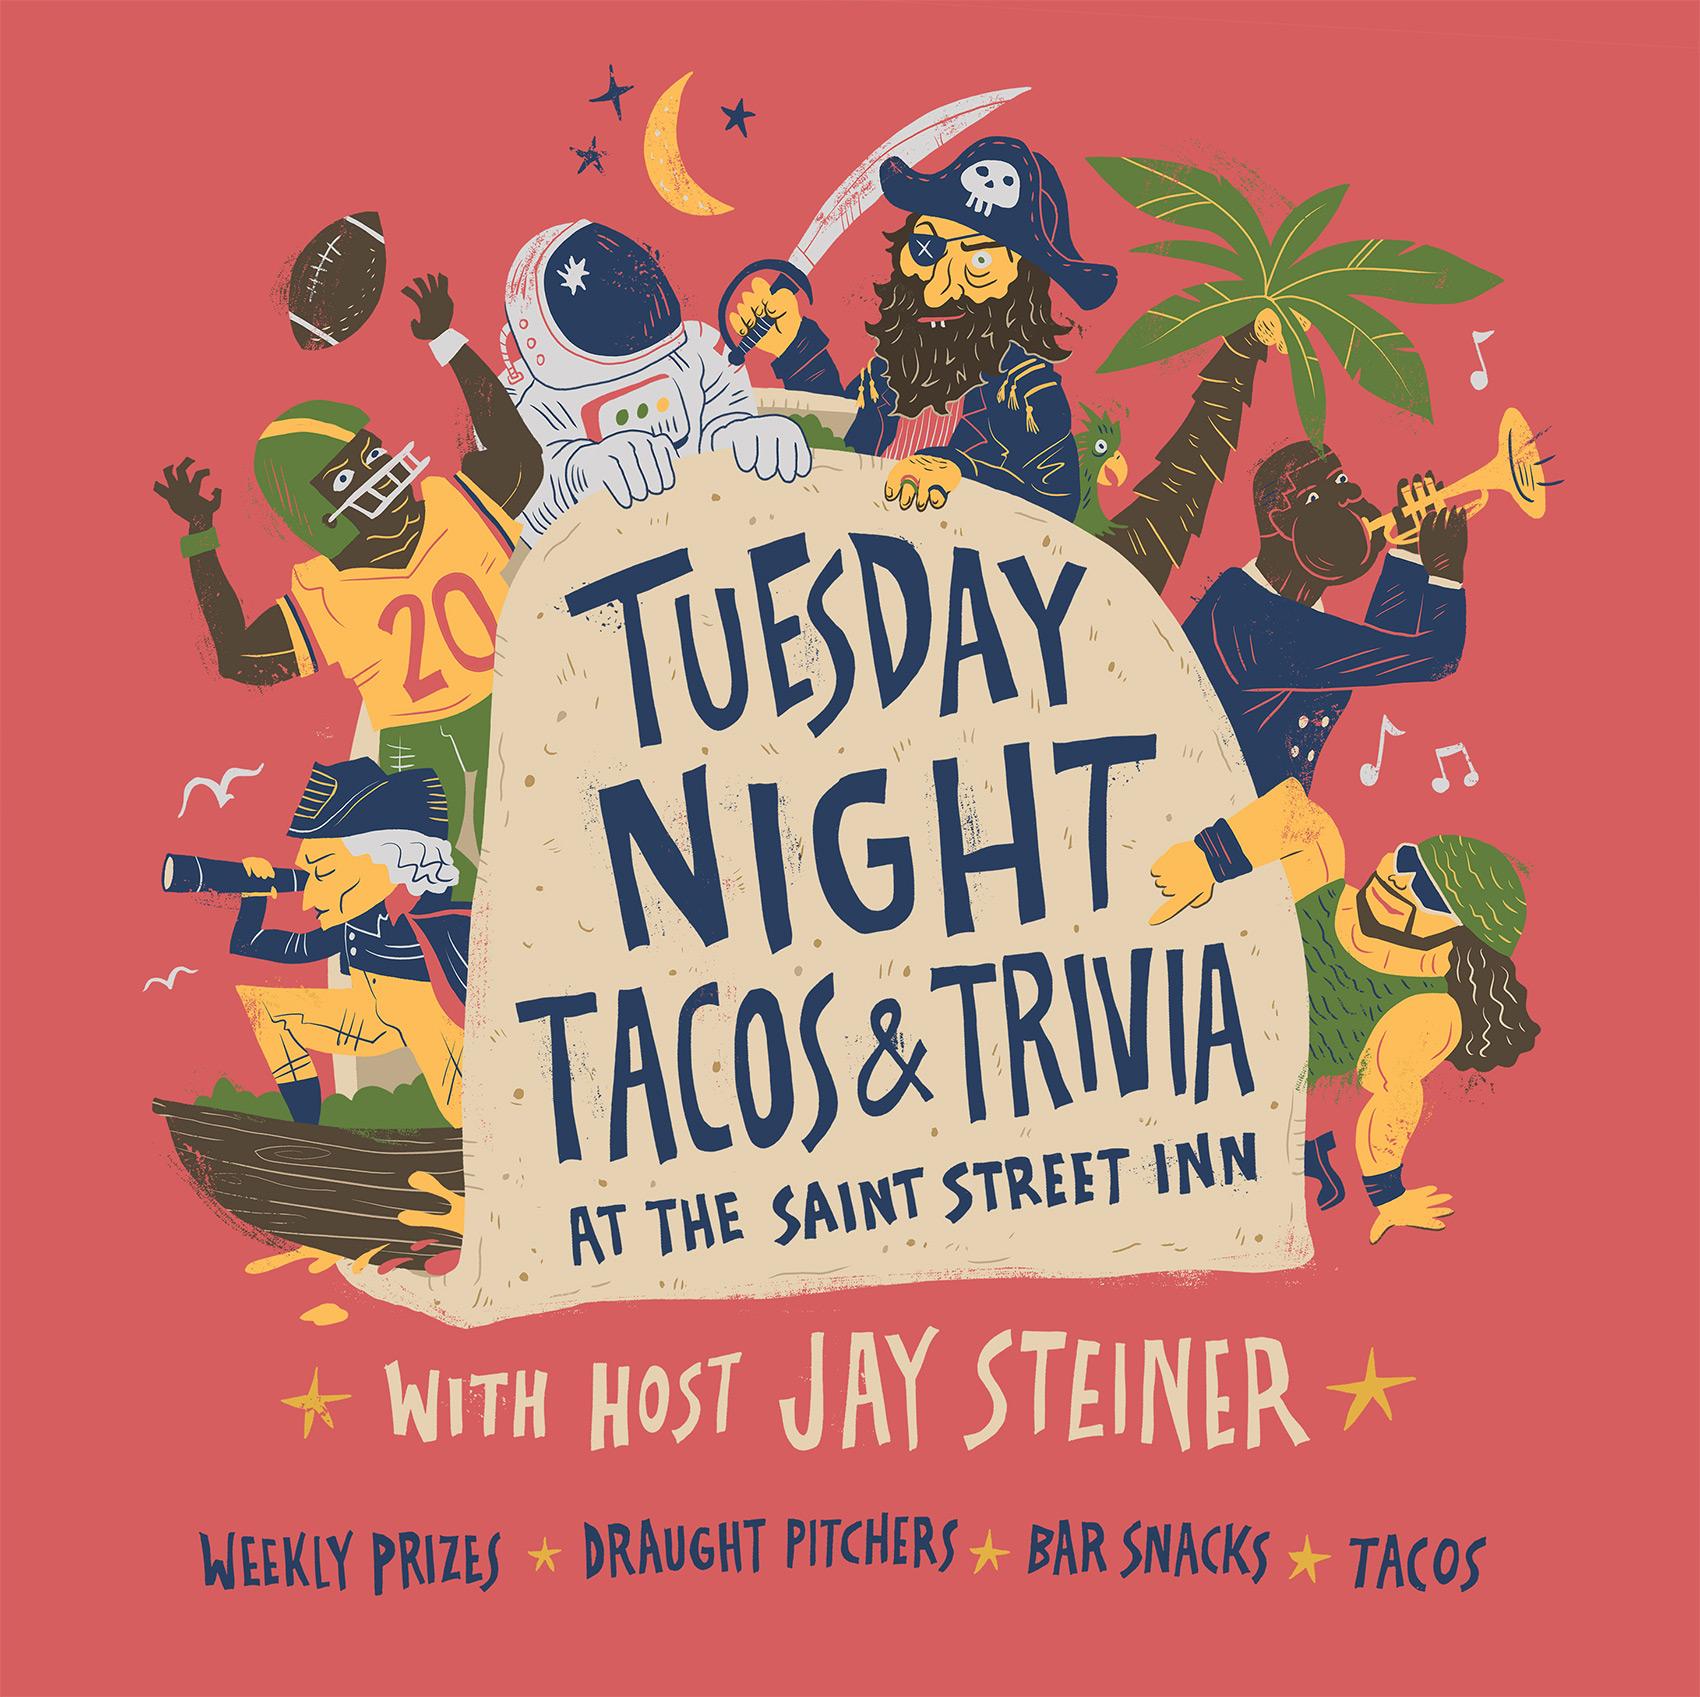 Tuesday Night Tacos & Trivia